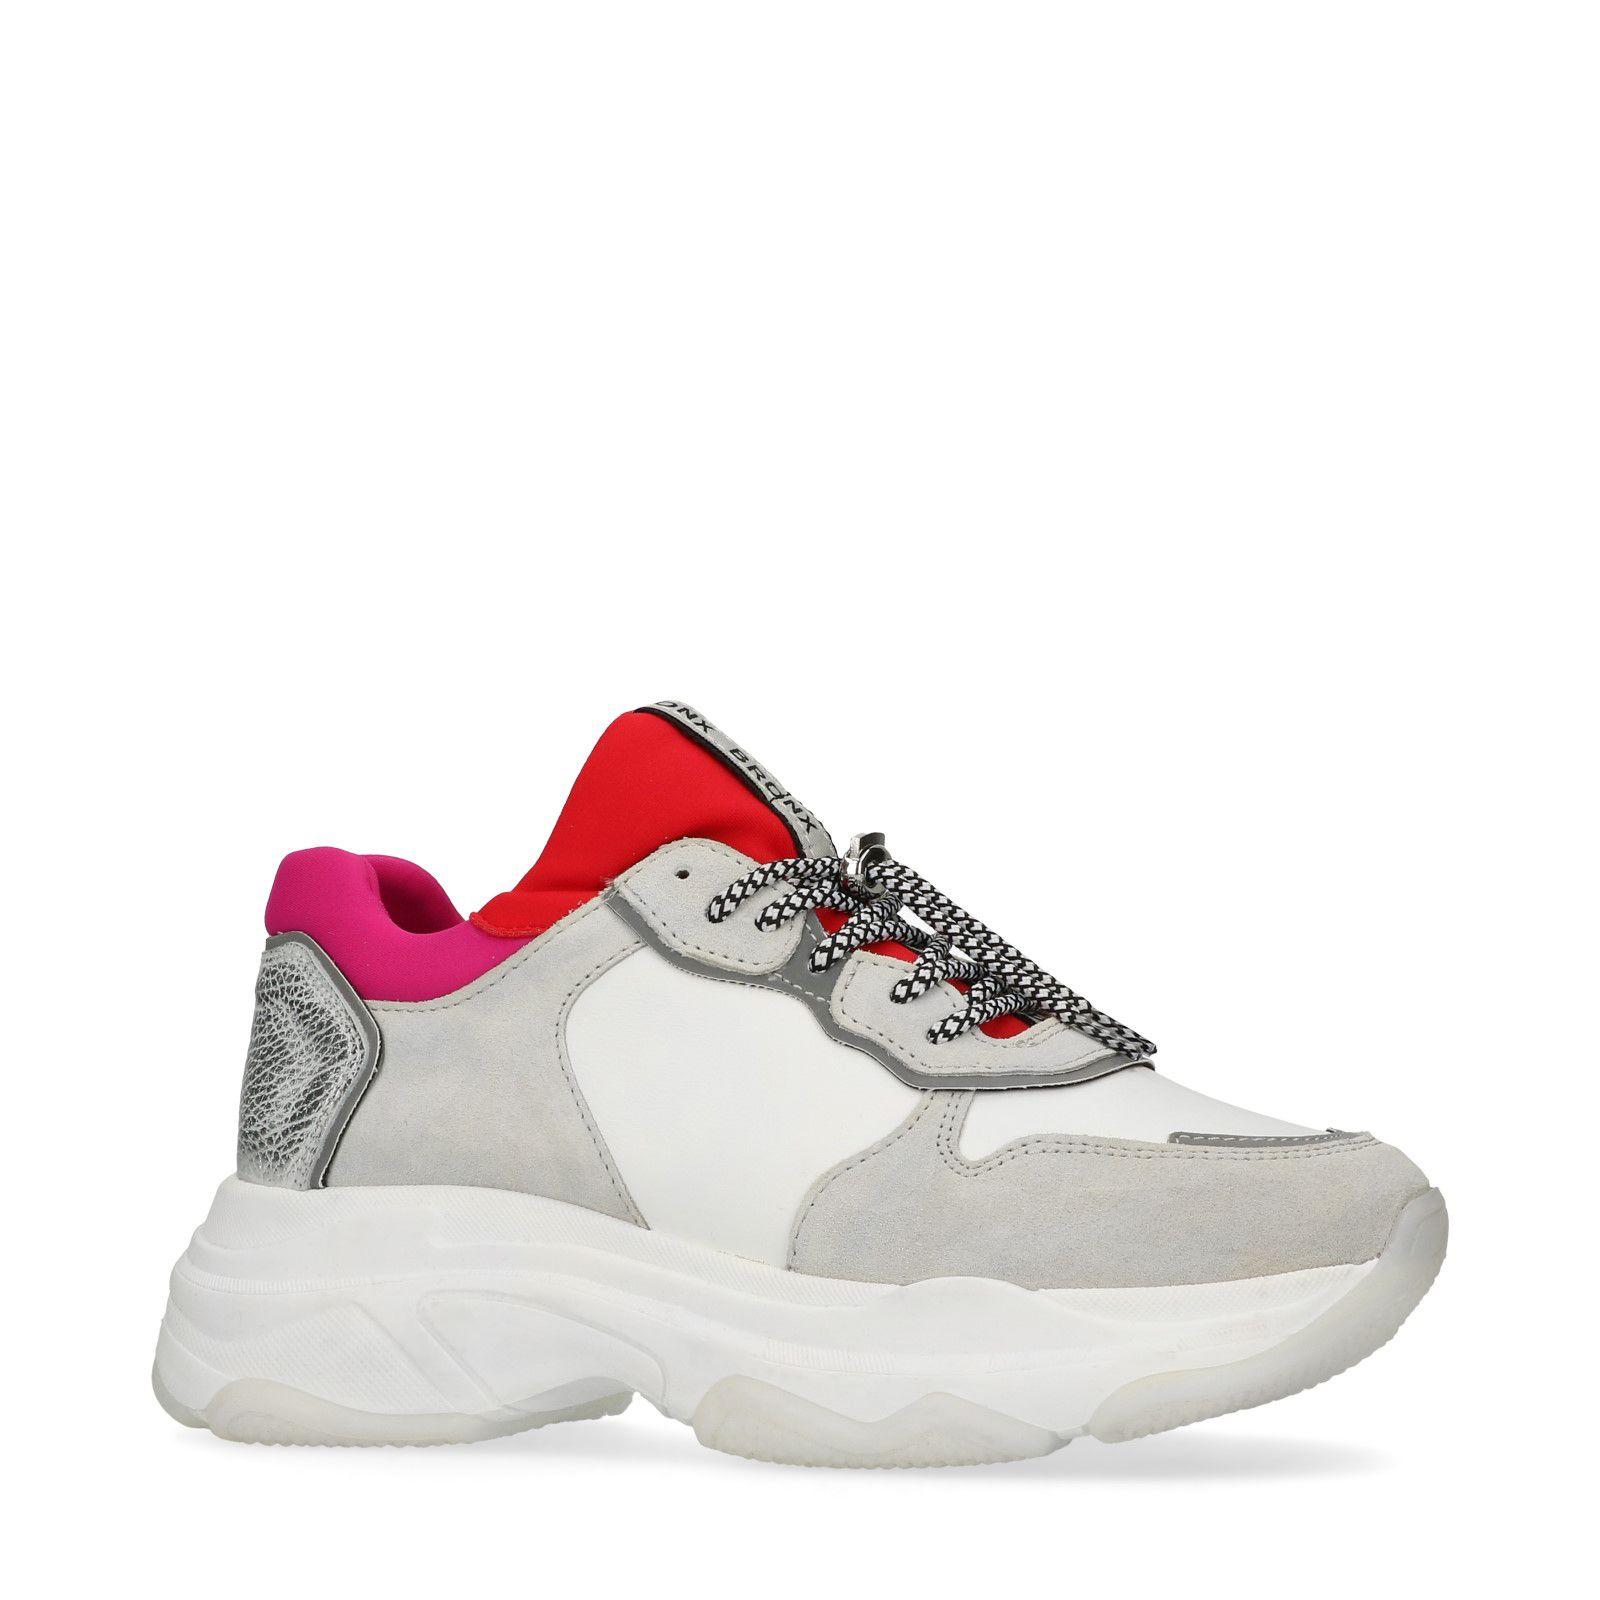 Cuir Dad Détails Blanc Roserouge Bronx En Shoes Avec xodBCer